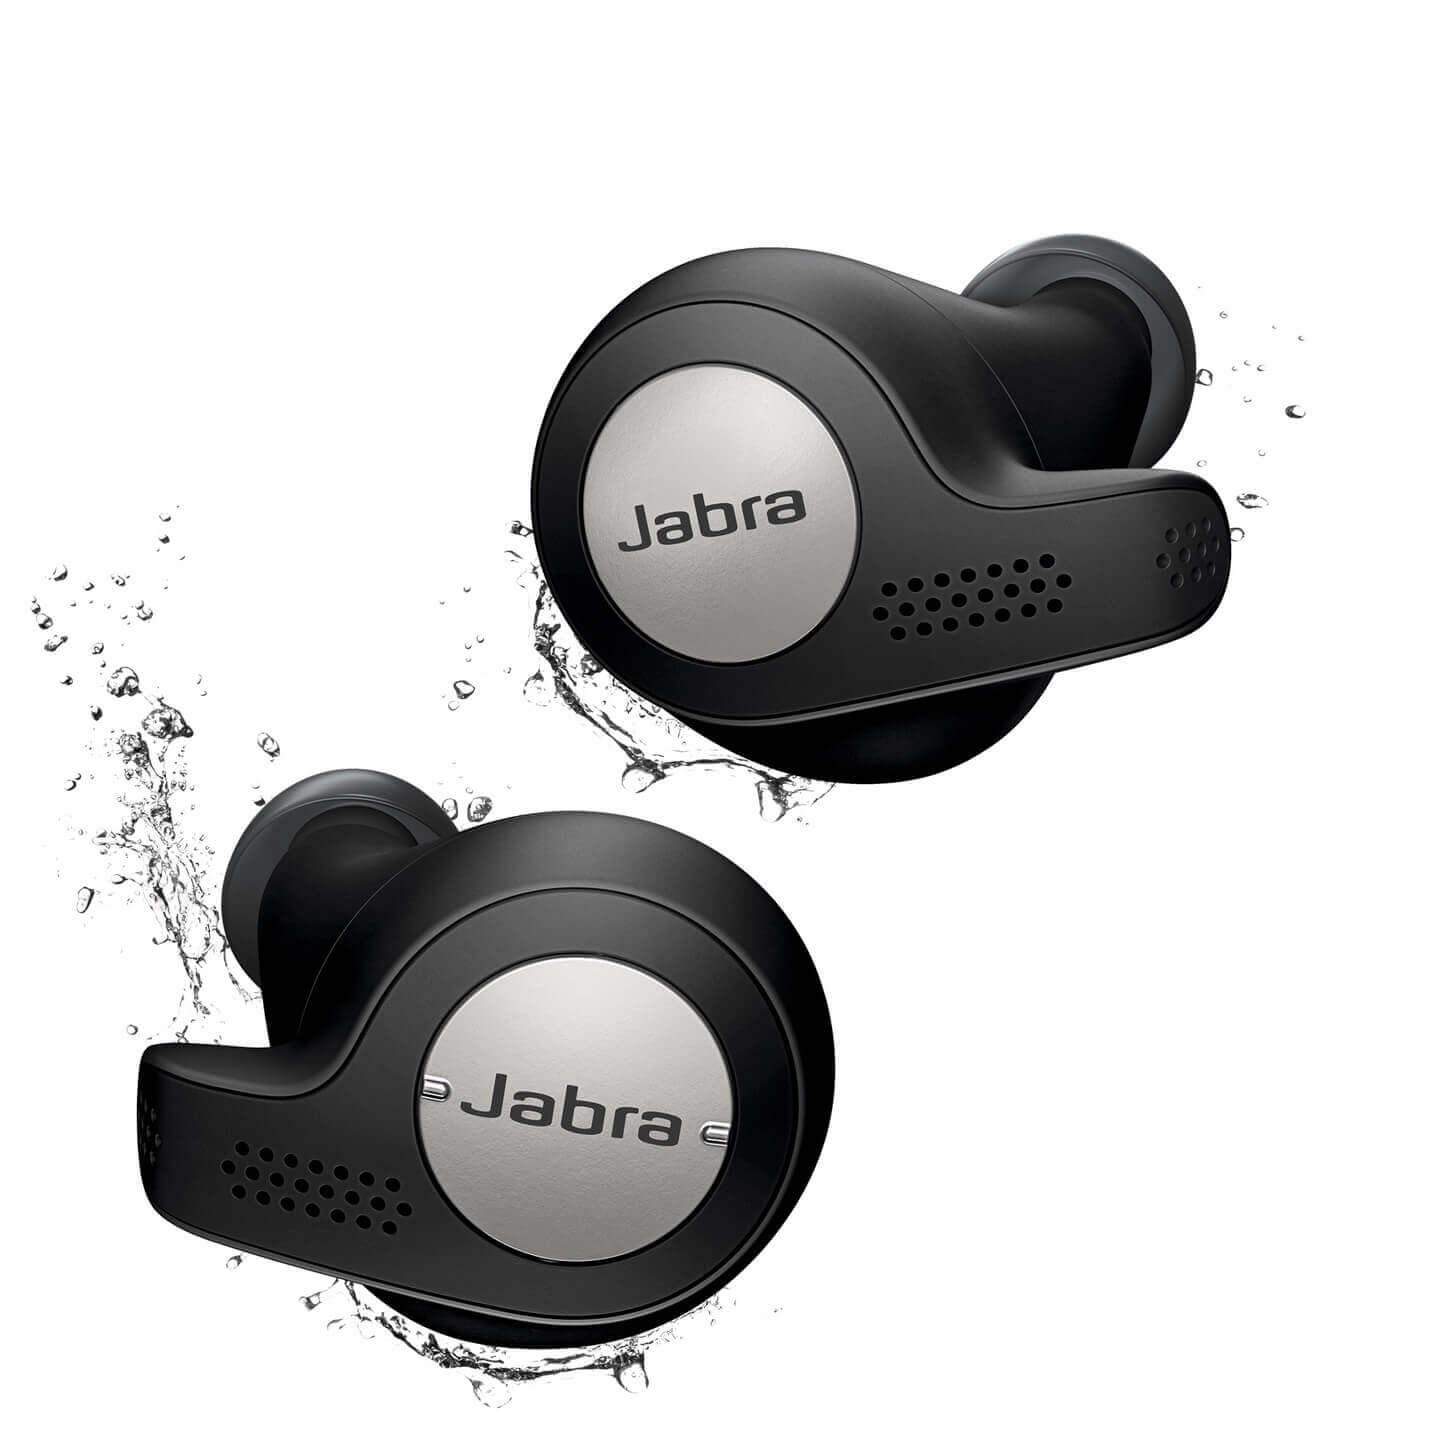 Jabra wireless earphone17